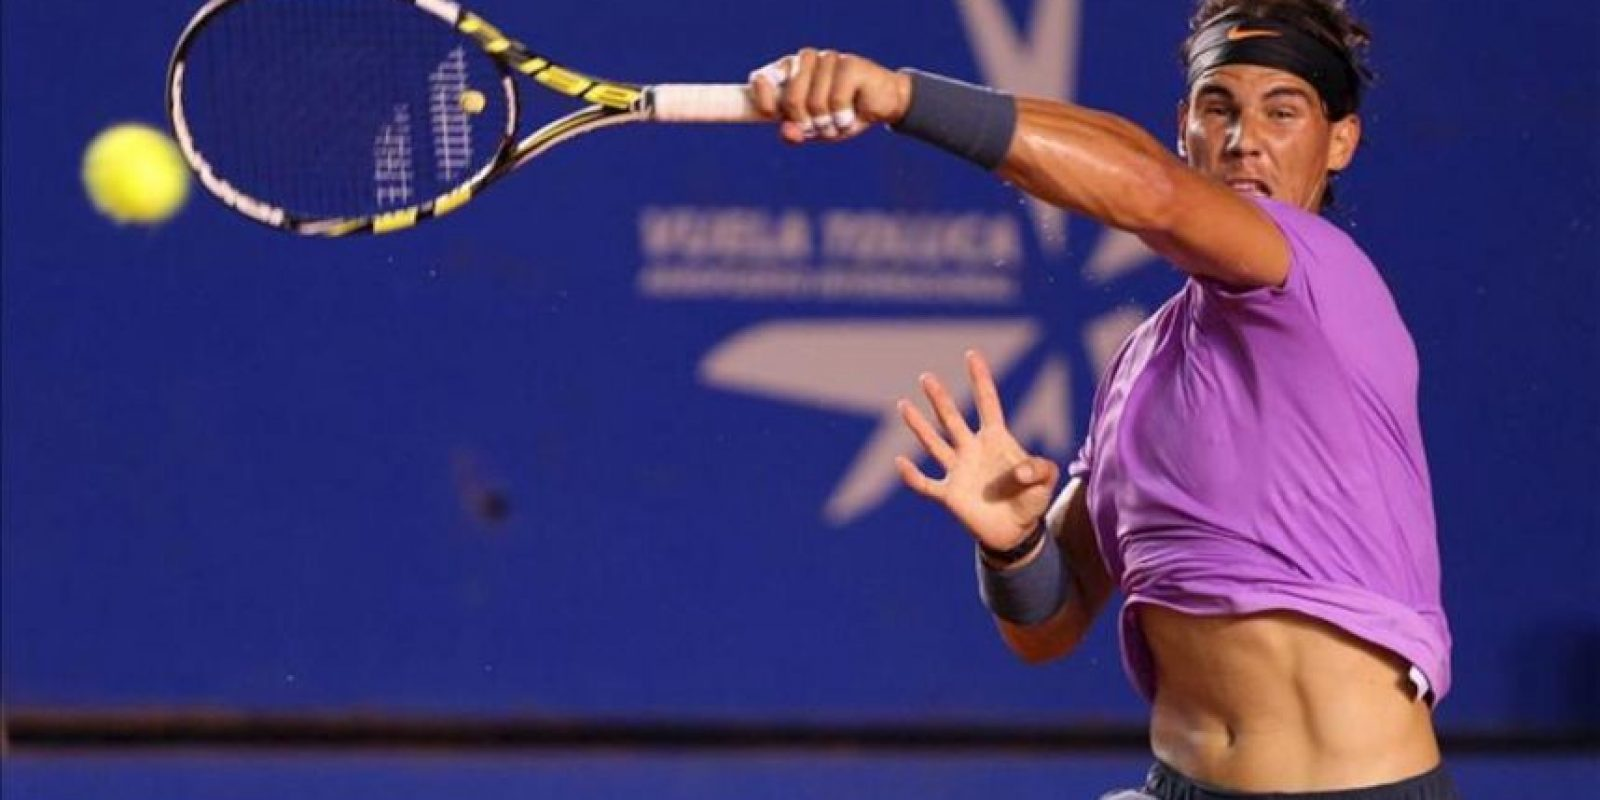 El tenista español Rafael Nadal devuelve la bola al argentino Martín Alund, durante el tercer día del Abierto Mexicano de Tenis que se desarrolla en el puerto mexicano de Acapulco. EFE